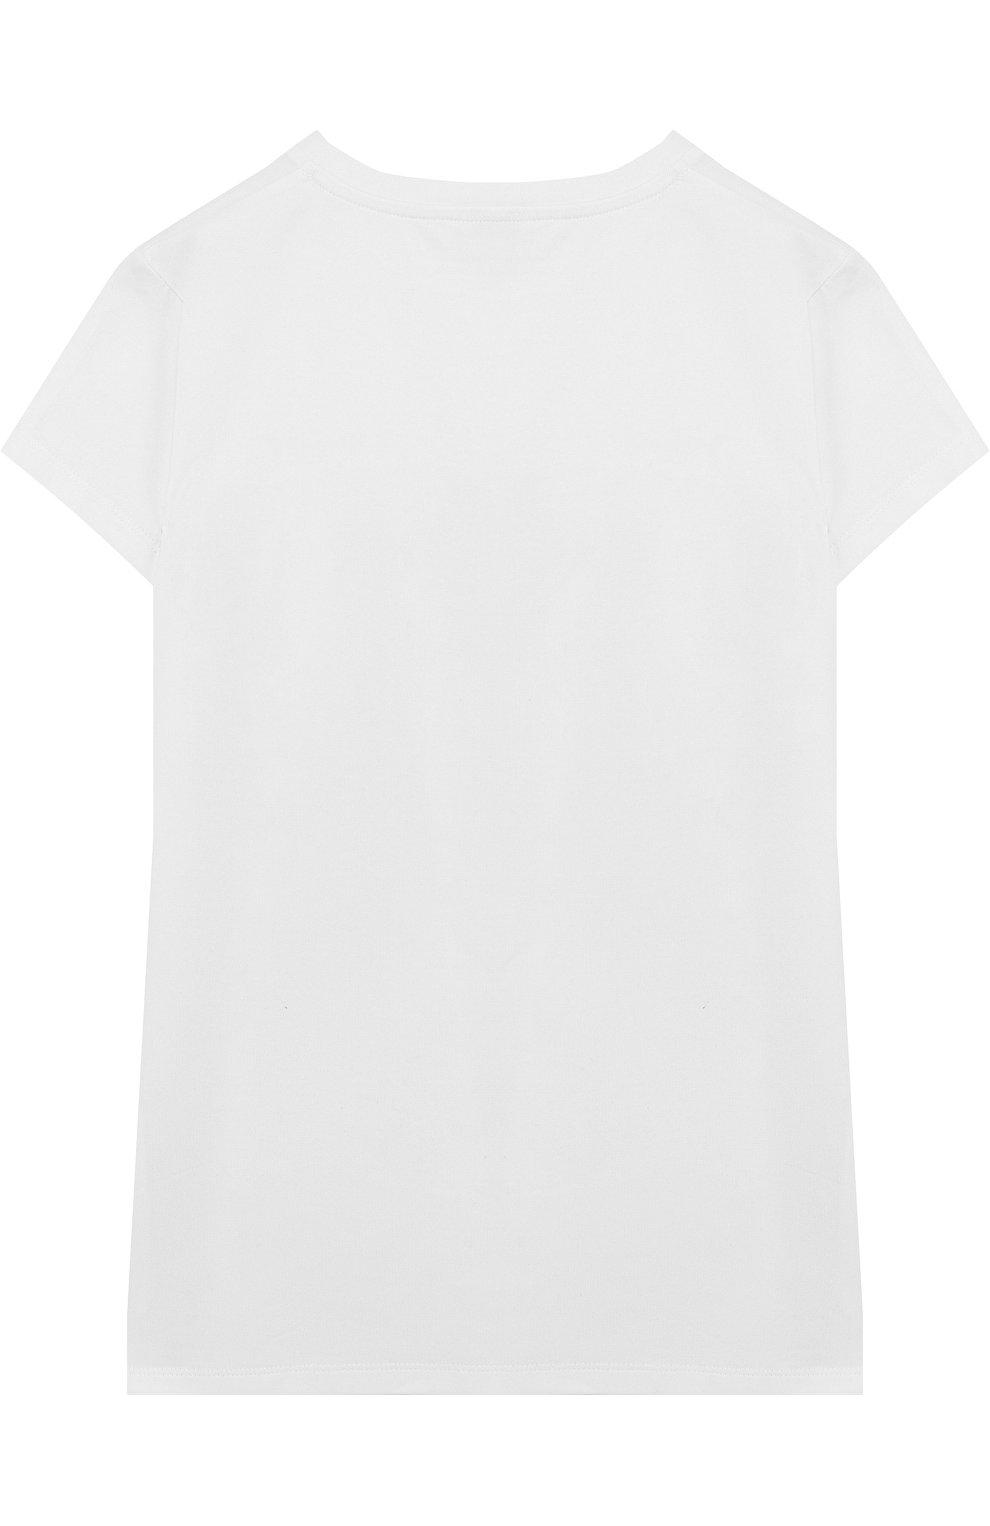 Детская хлопковая футболка с контрастной вставкой MONCLER ENFANT белого цвета, арт. D1-954-80671-05-8790A/4-6A | Фото 2